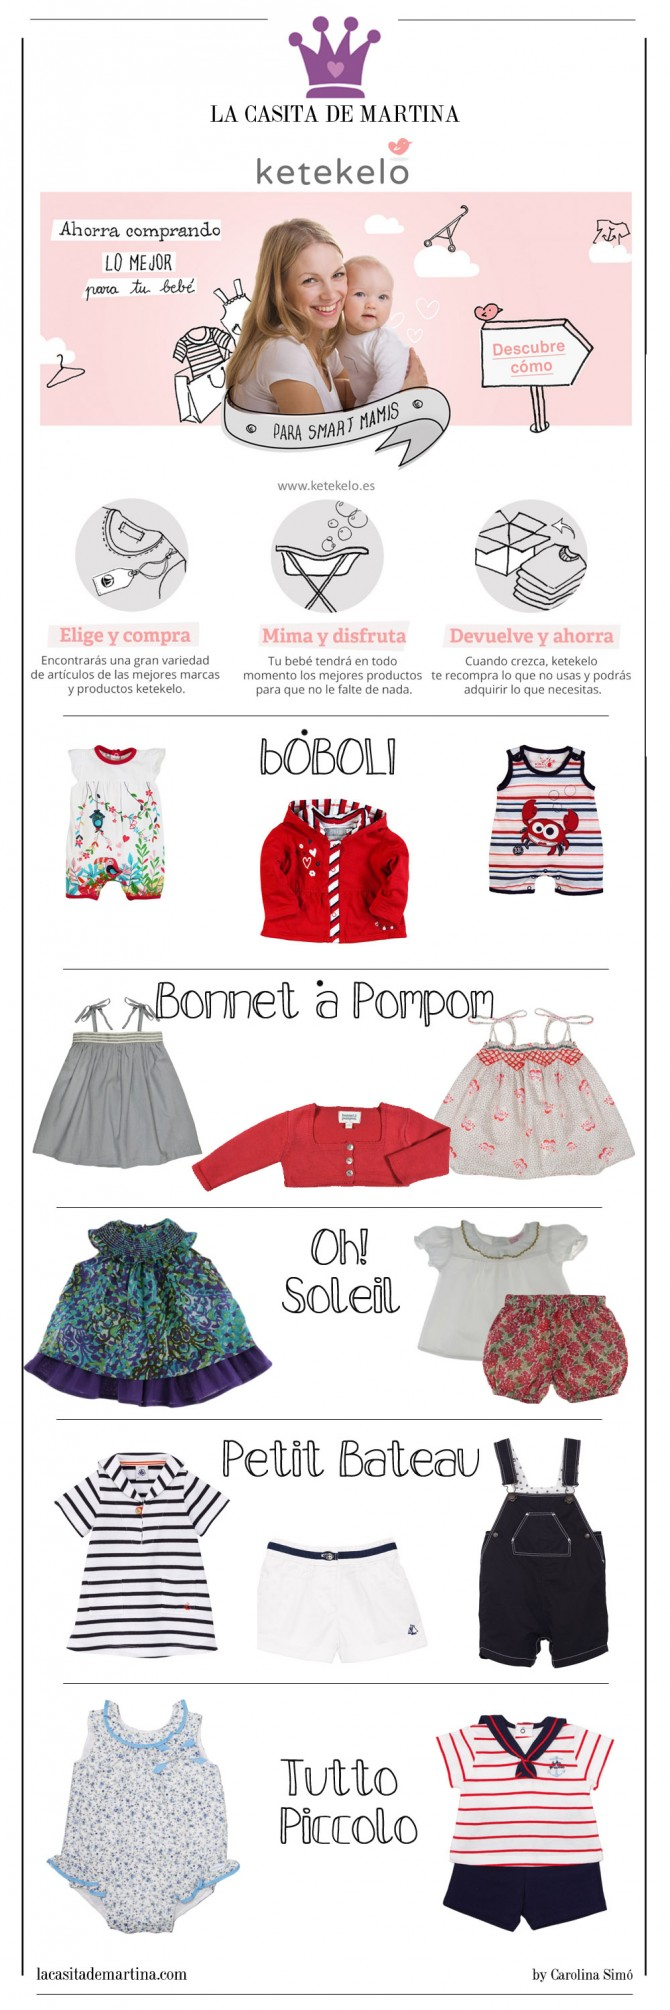 Ketekelo, Moda Bebés, Ropa Bebés, Compra ropa bebés usada, Blog Moda Infantil. La casita de Martina